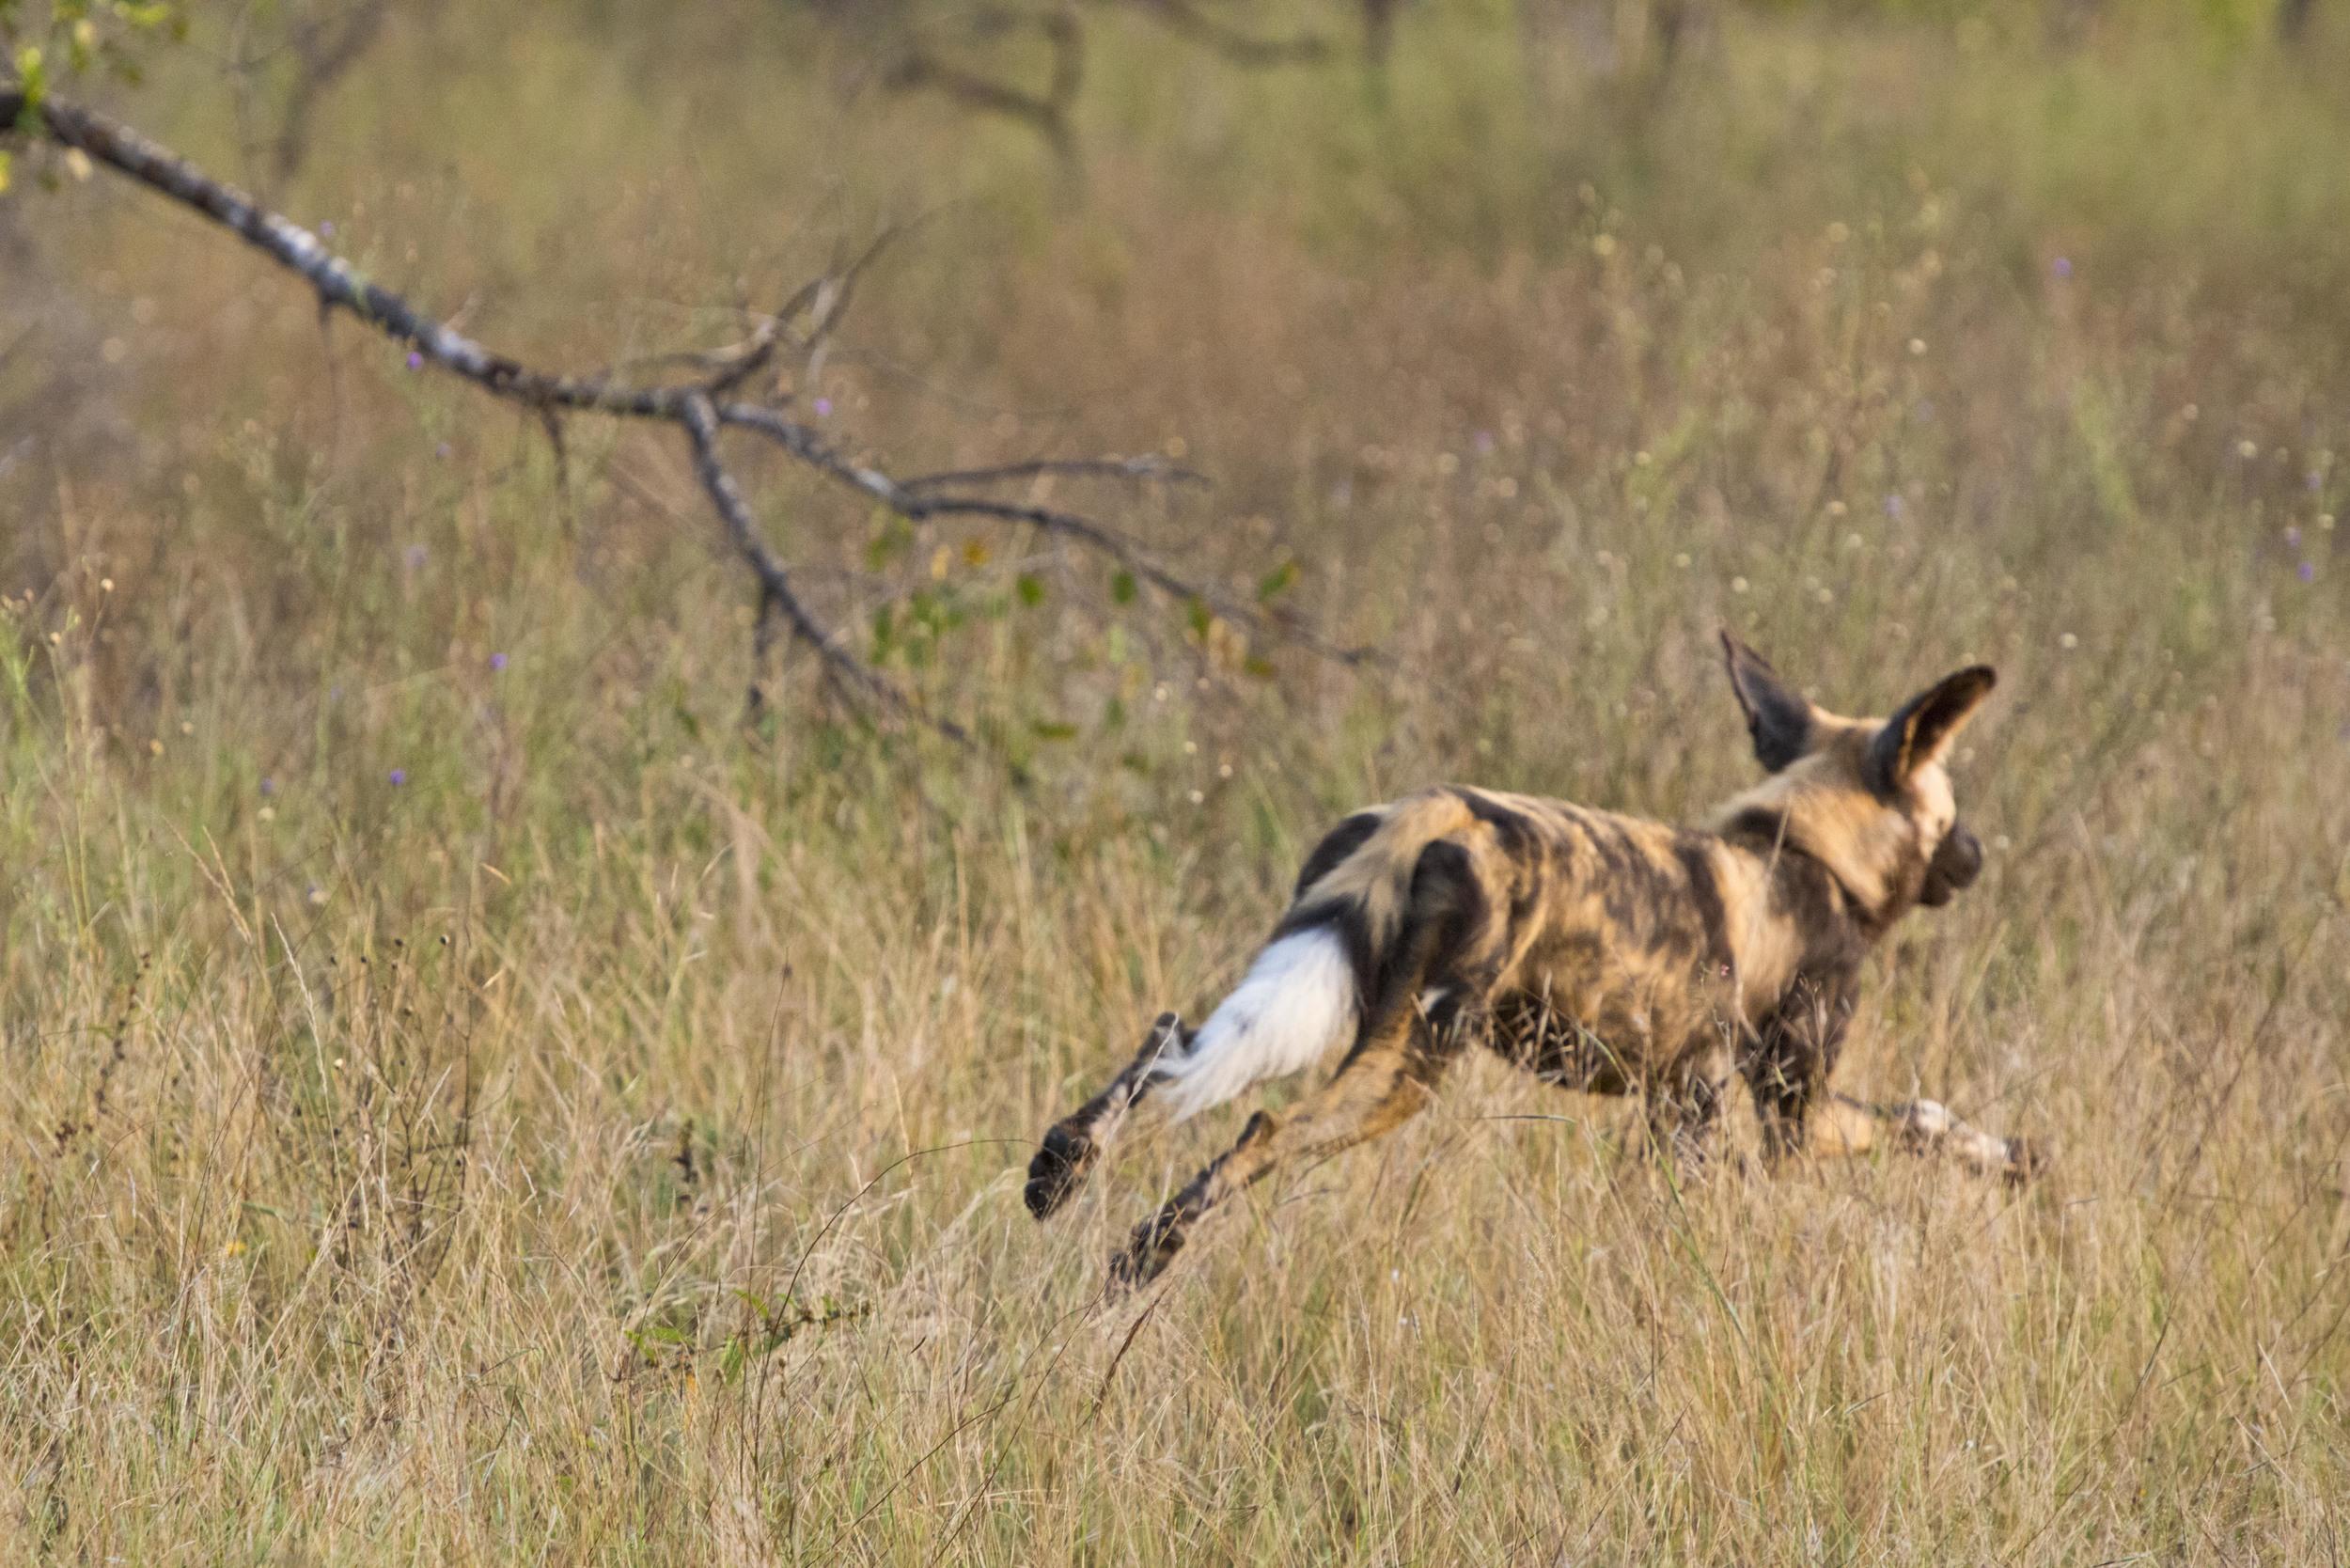 130420_DSC4217 Running Wild Dog.jpg